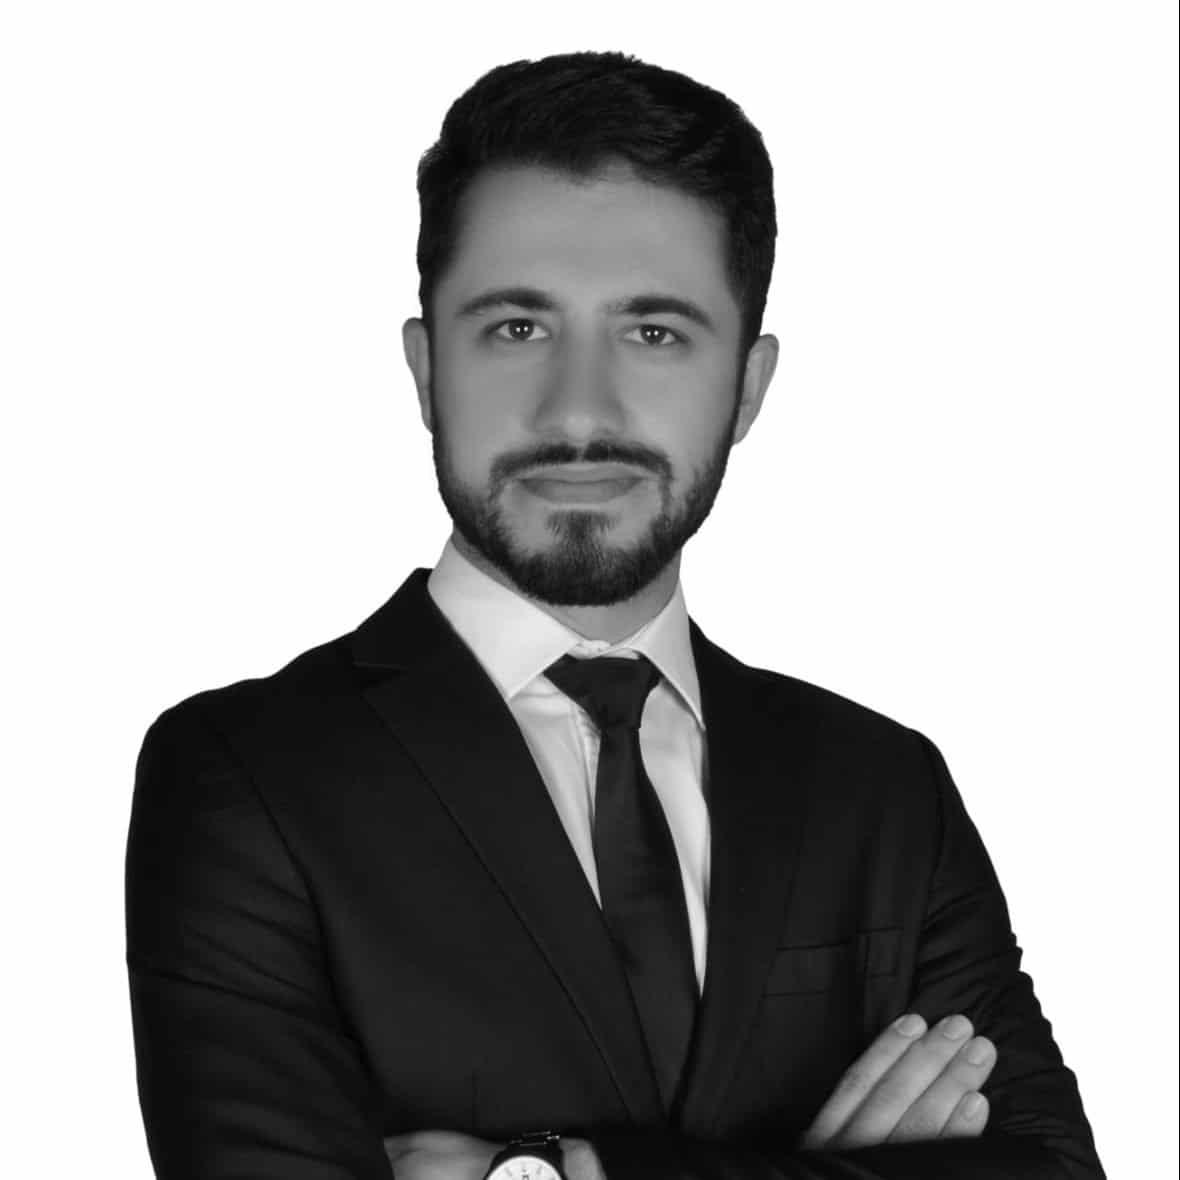 Metehan Karakaş